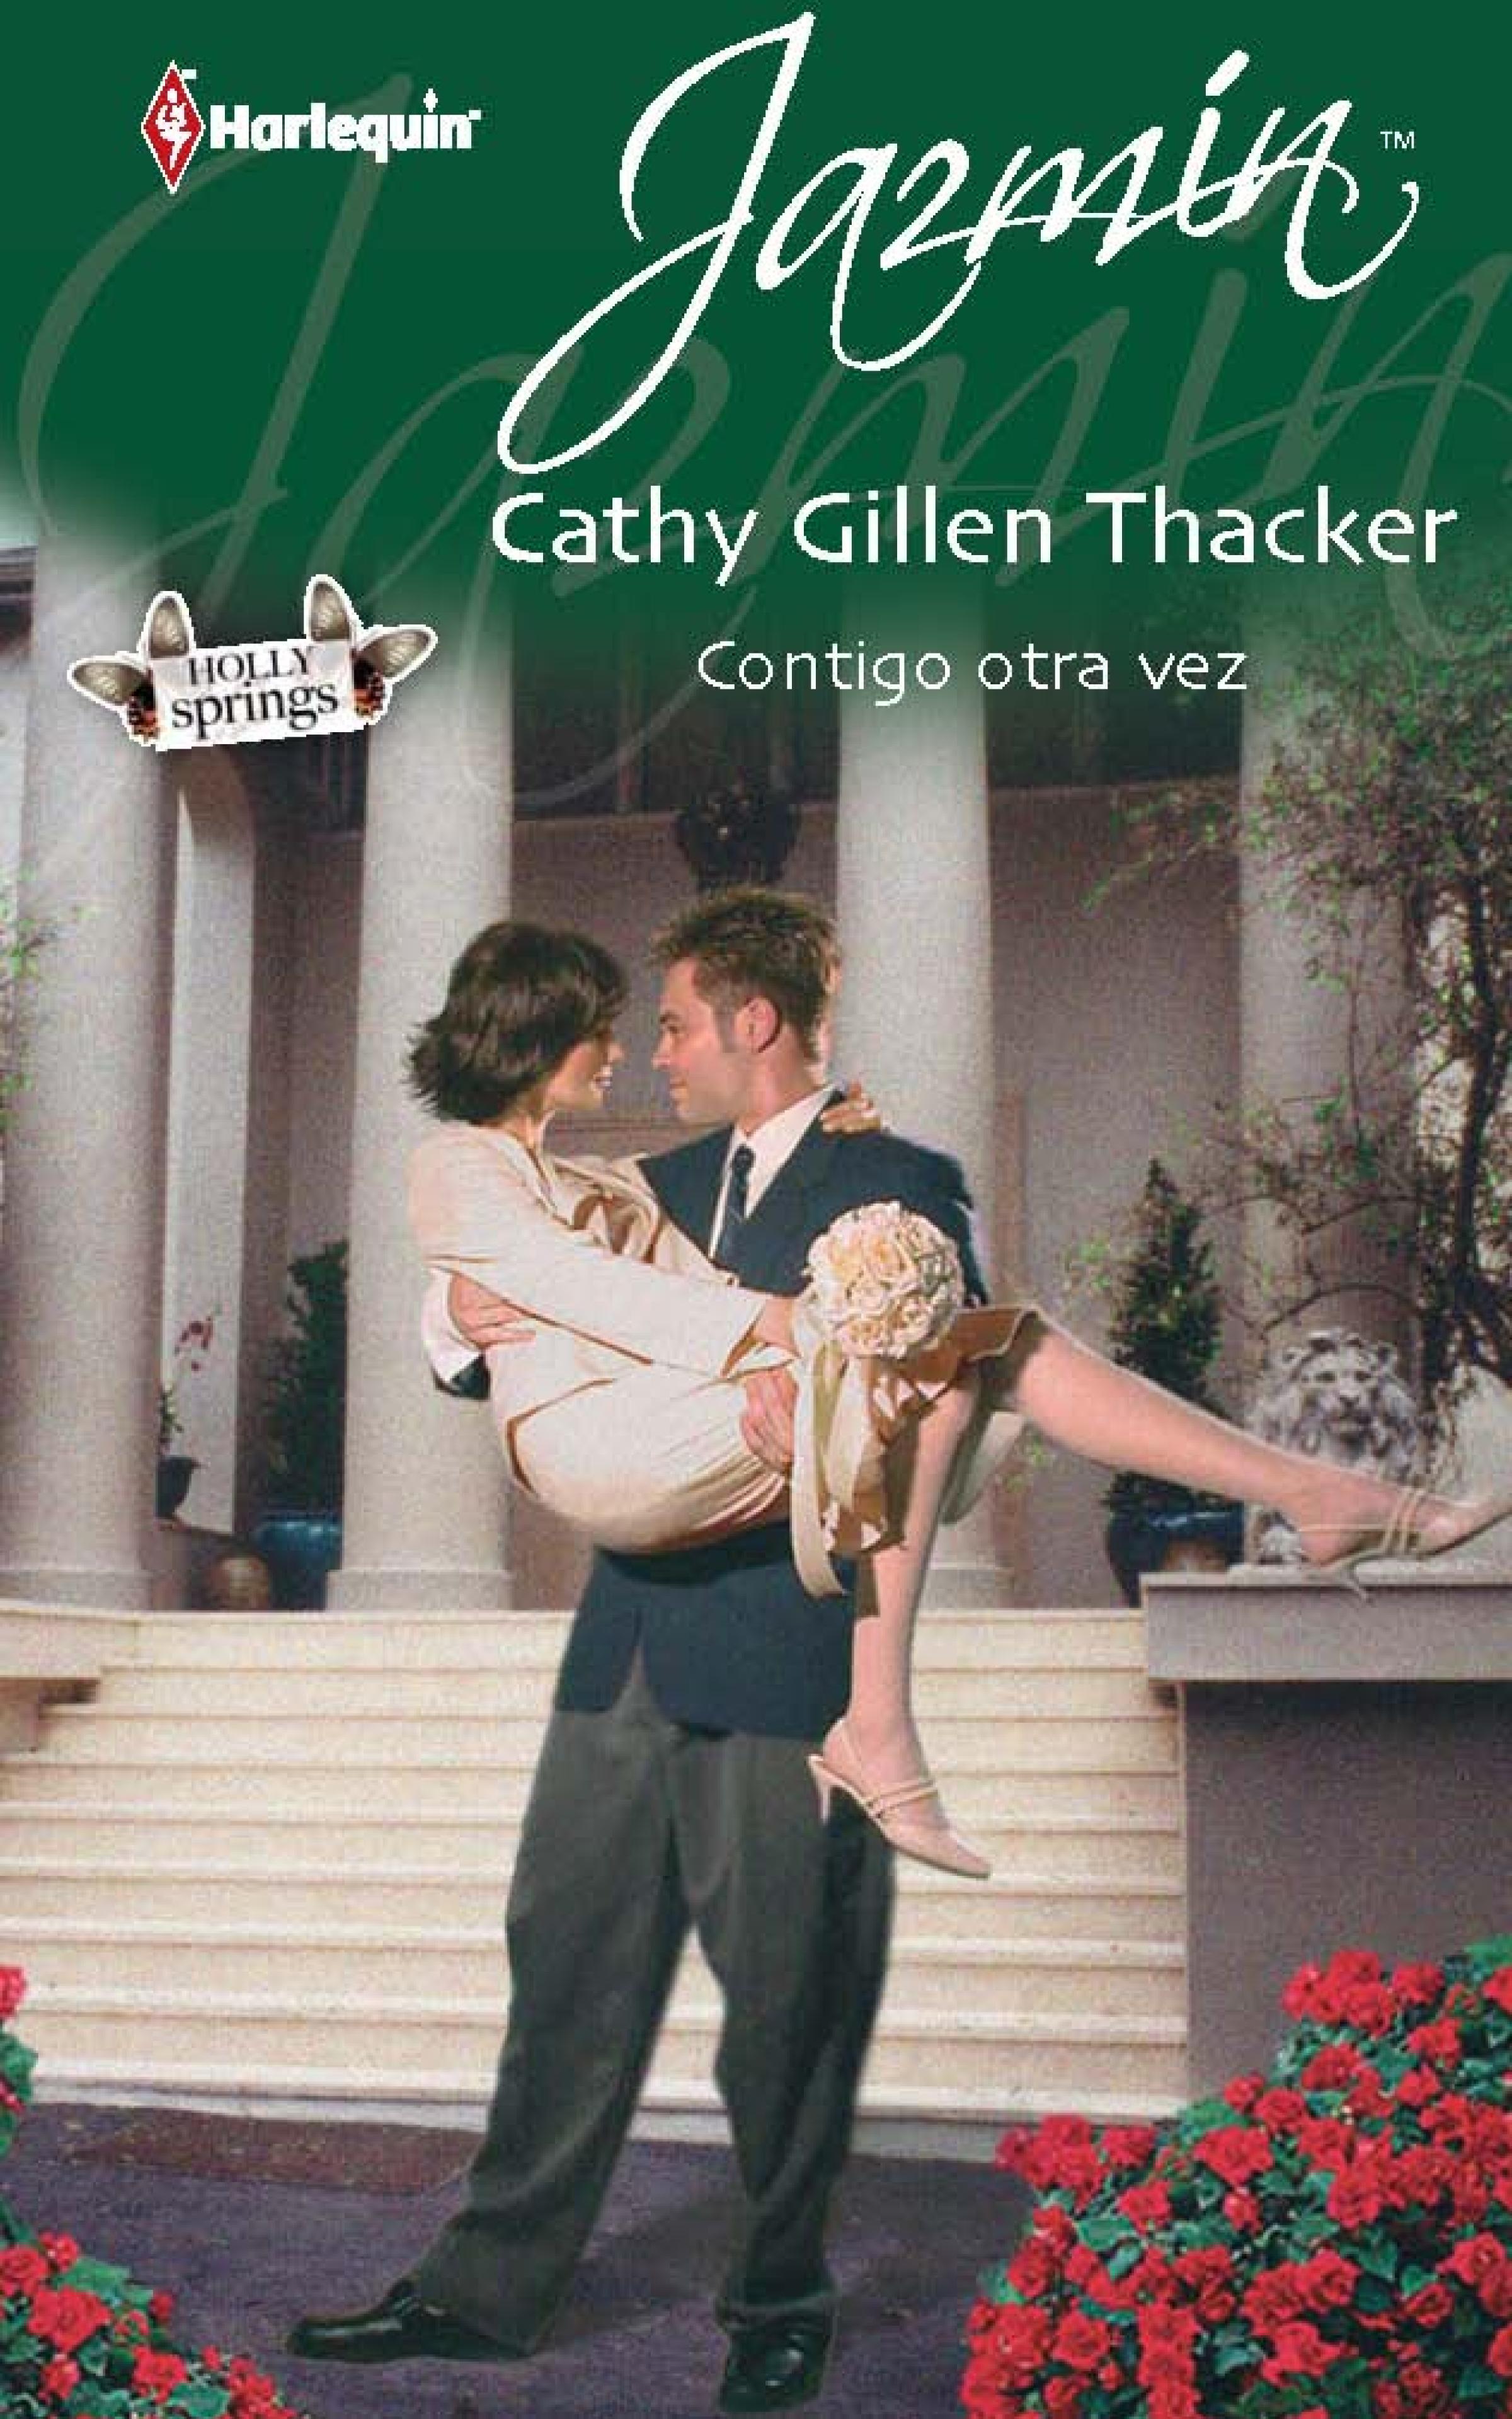 цена Cathy Gillen Thacker Contigo otra vez